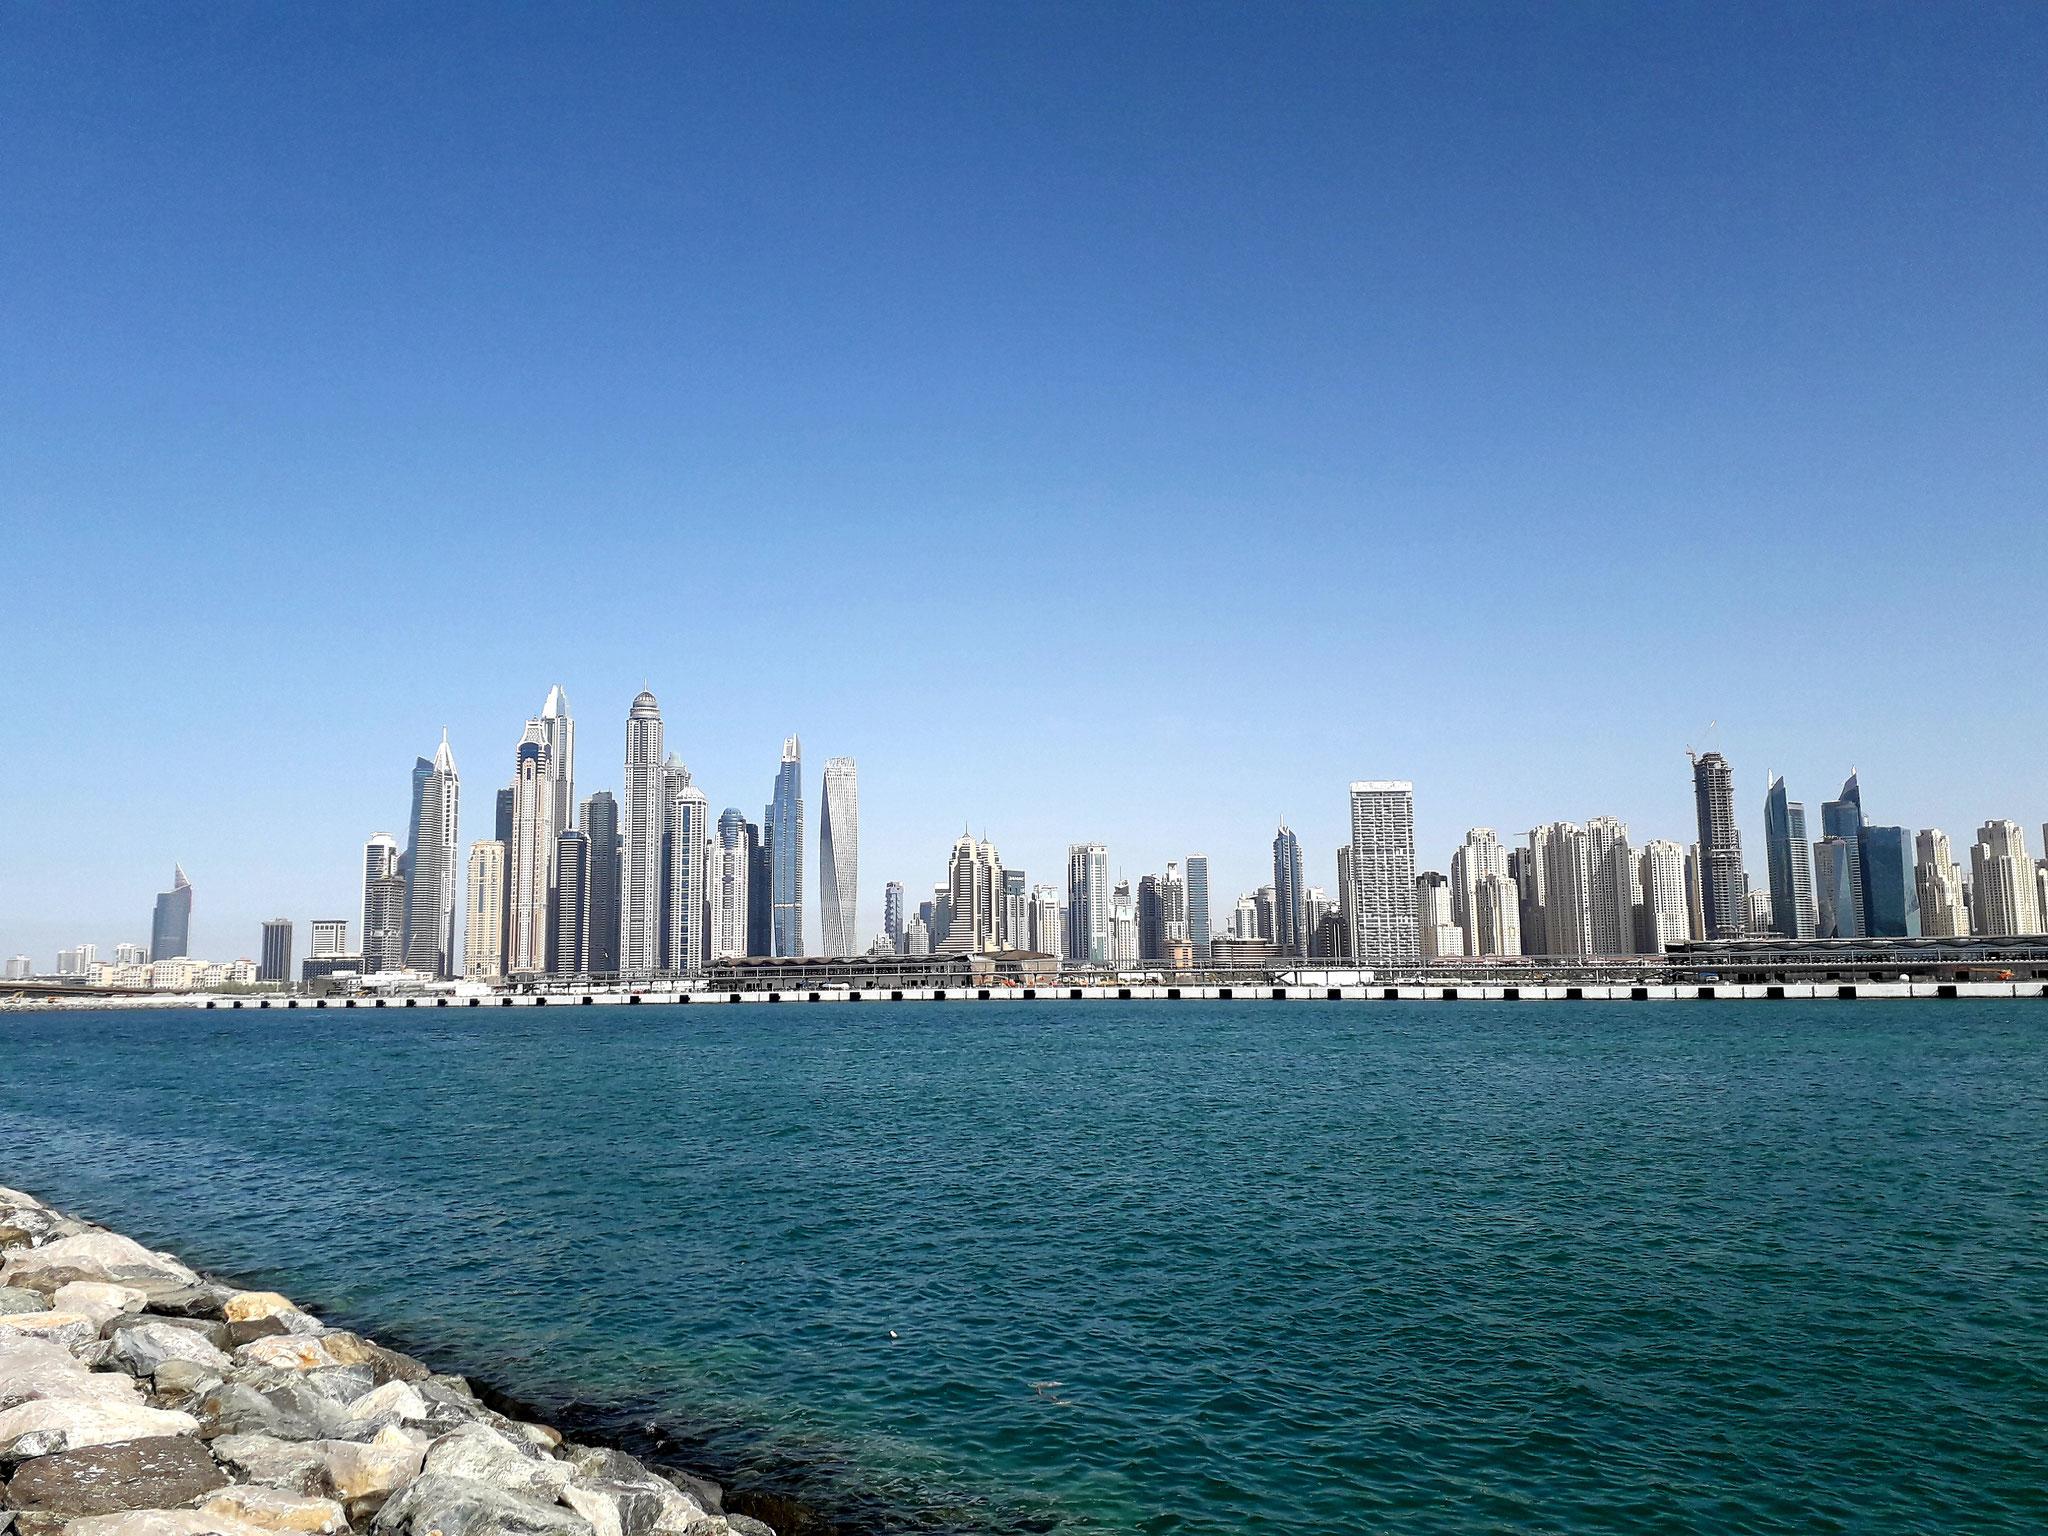 Blick auf die Skyline der Dubai Marina